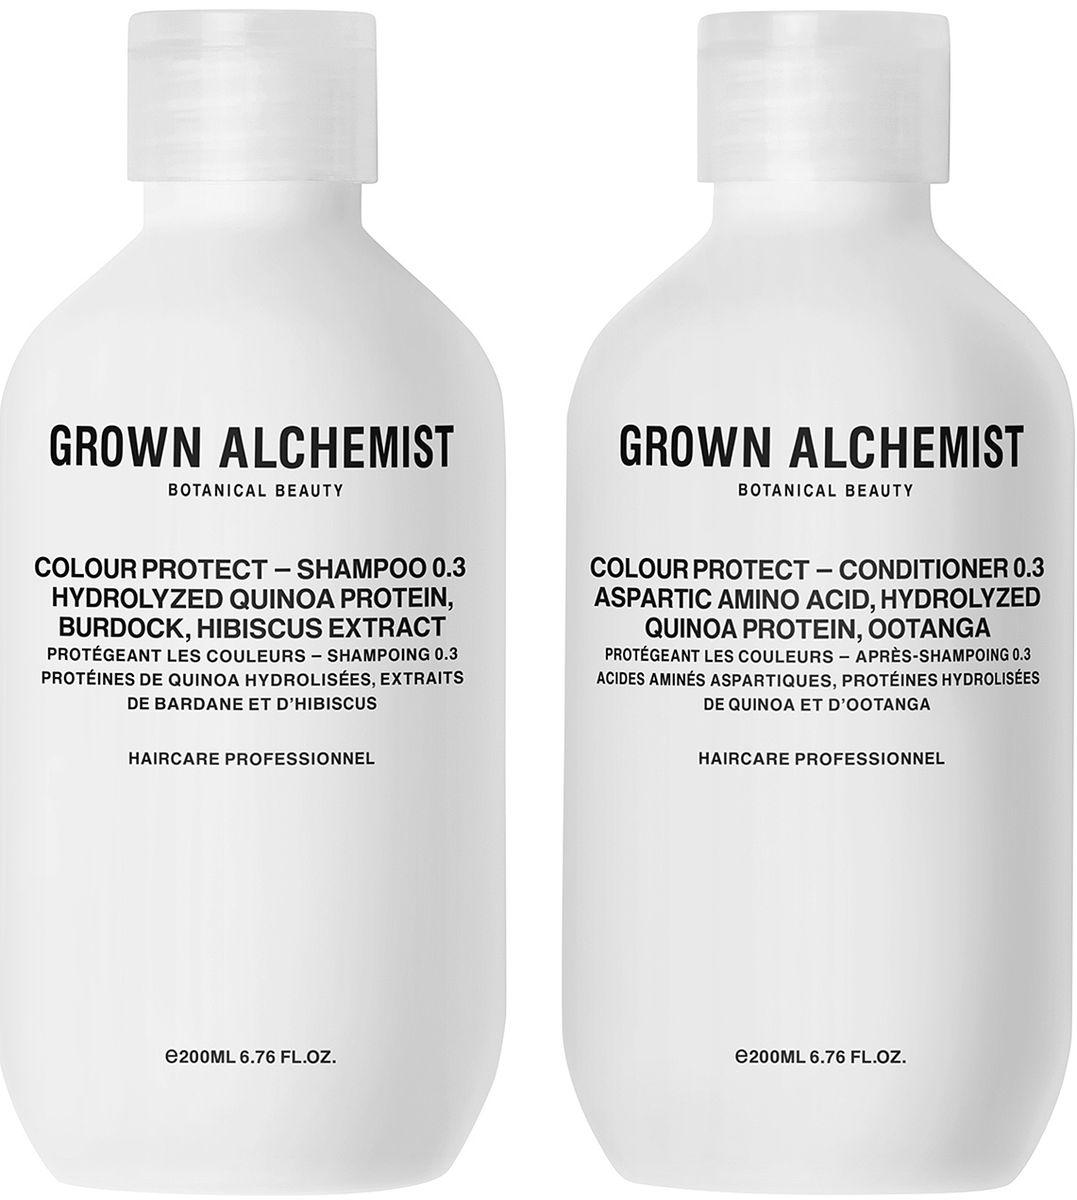 Grown Alchemist Набор для окрашенных волос: кондиционер, шампунь, 2 х 200 мл65114228Набор для окрашенных волос: кондиционер для окрашенных волос 200 мл, шампунь для окрашенных волос 200 мл